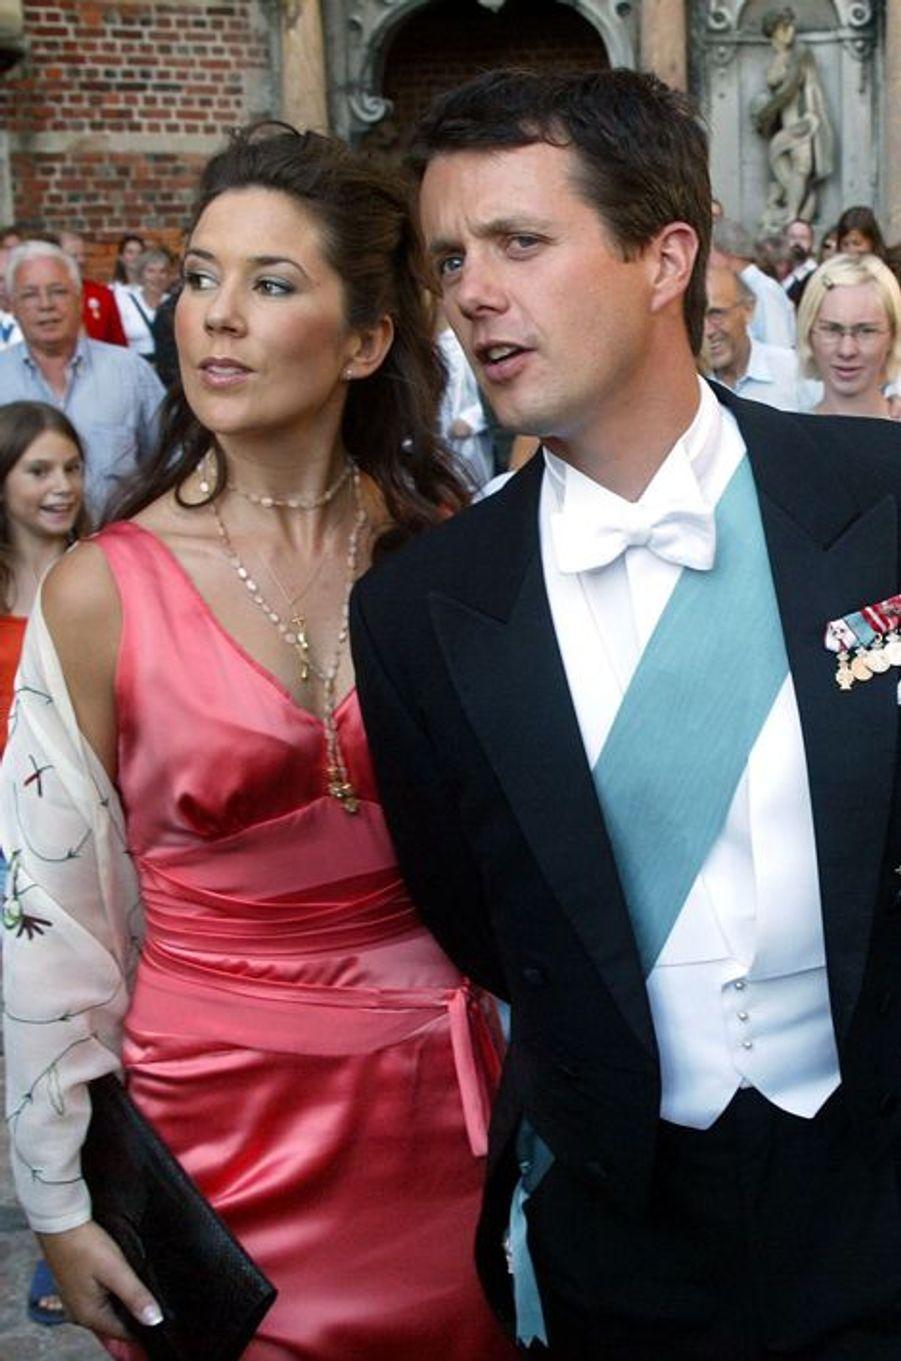 Mary Donaldson et le prince Frederik de Danemark, le 24 août 2002